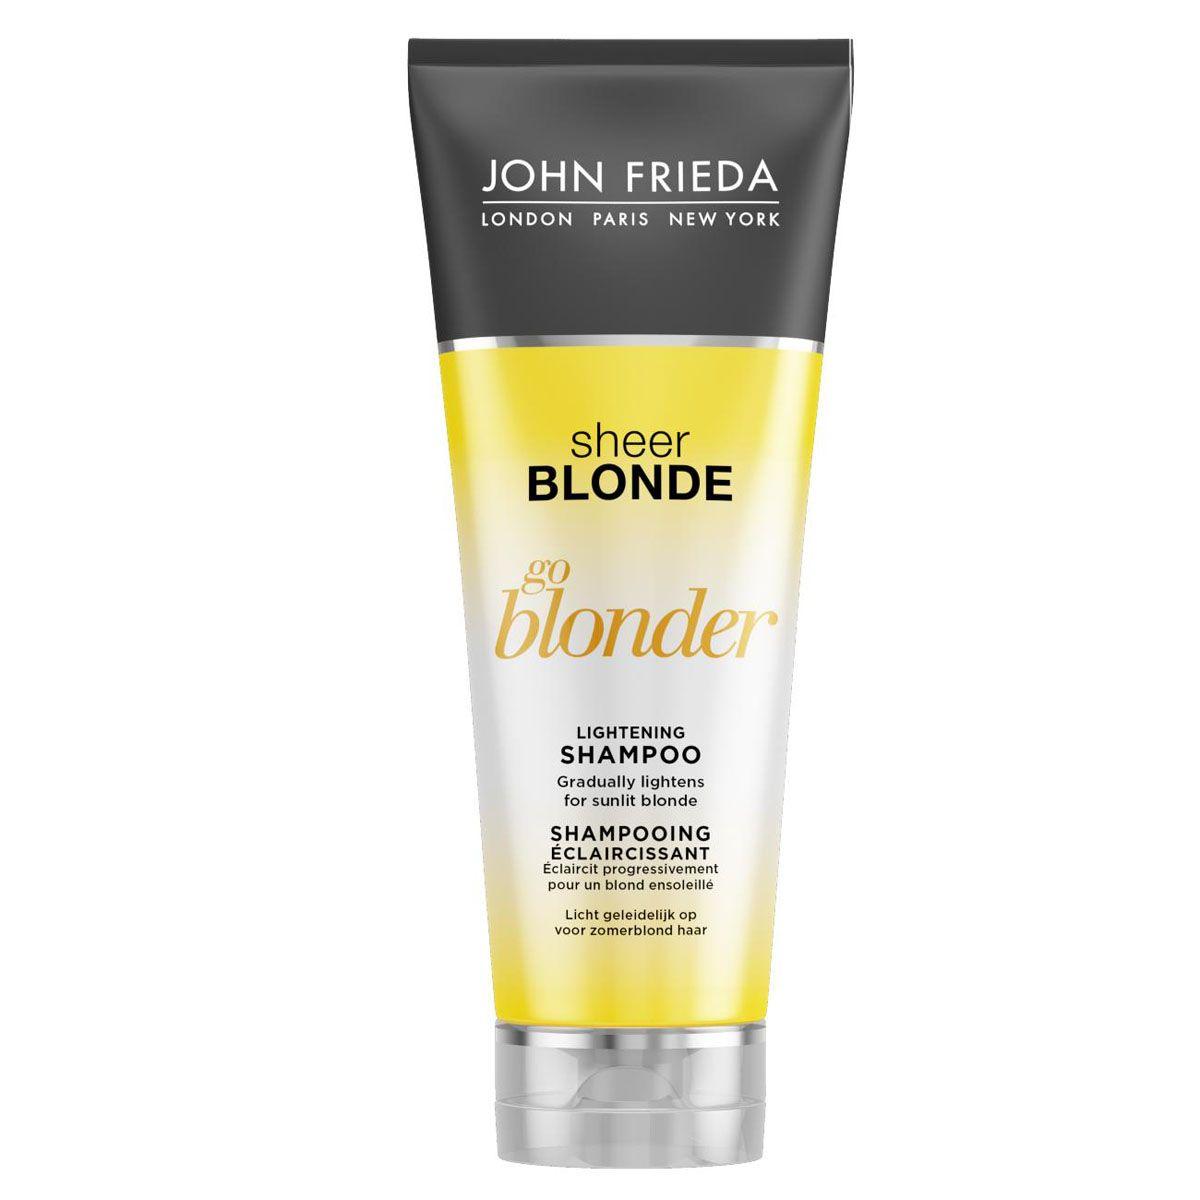 John Frieda Шампунь осветляющий для натуральных, мелированных и окрашенных волос Sheer Blonde Go Blonder 250 млSatin Hair 7 BR730MNПостепенно осветляет и создает заметный эффект солнечного поцелуя на светлых волосах. Светлые волосы становятся более яркими и мерцающими, заметный эффект солнечного поцелуя усиливает блеск светлых волос. Осветляющий шампунь Go Blonder возвращает волосам красоту, мягкость и здоровый вид, не пересушивает их.